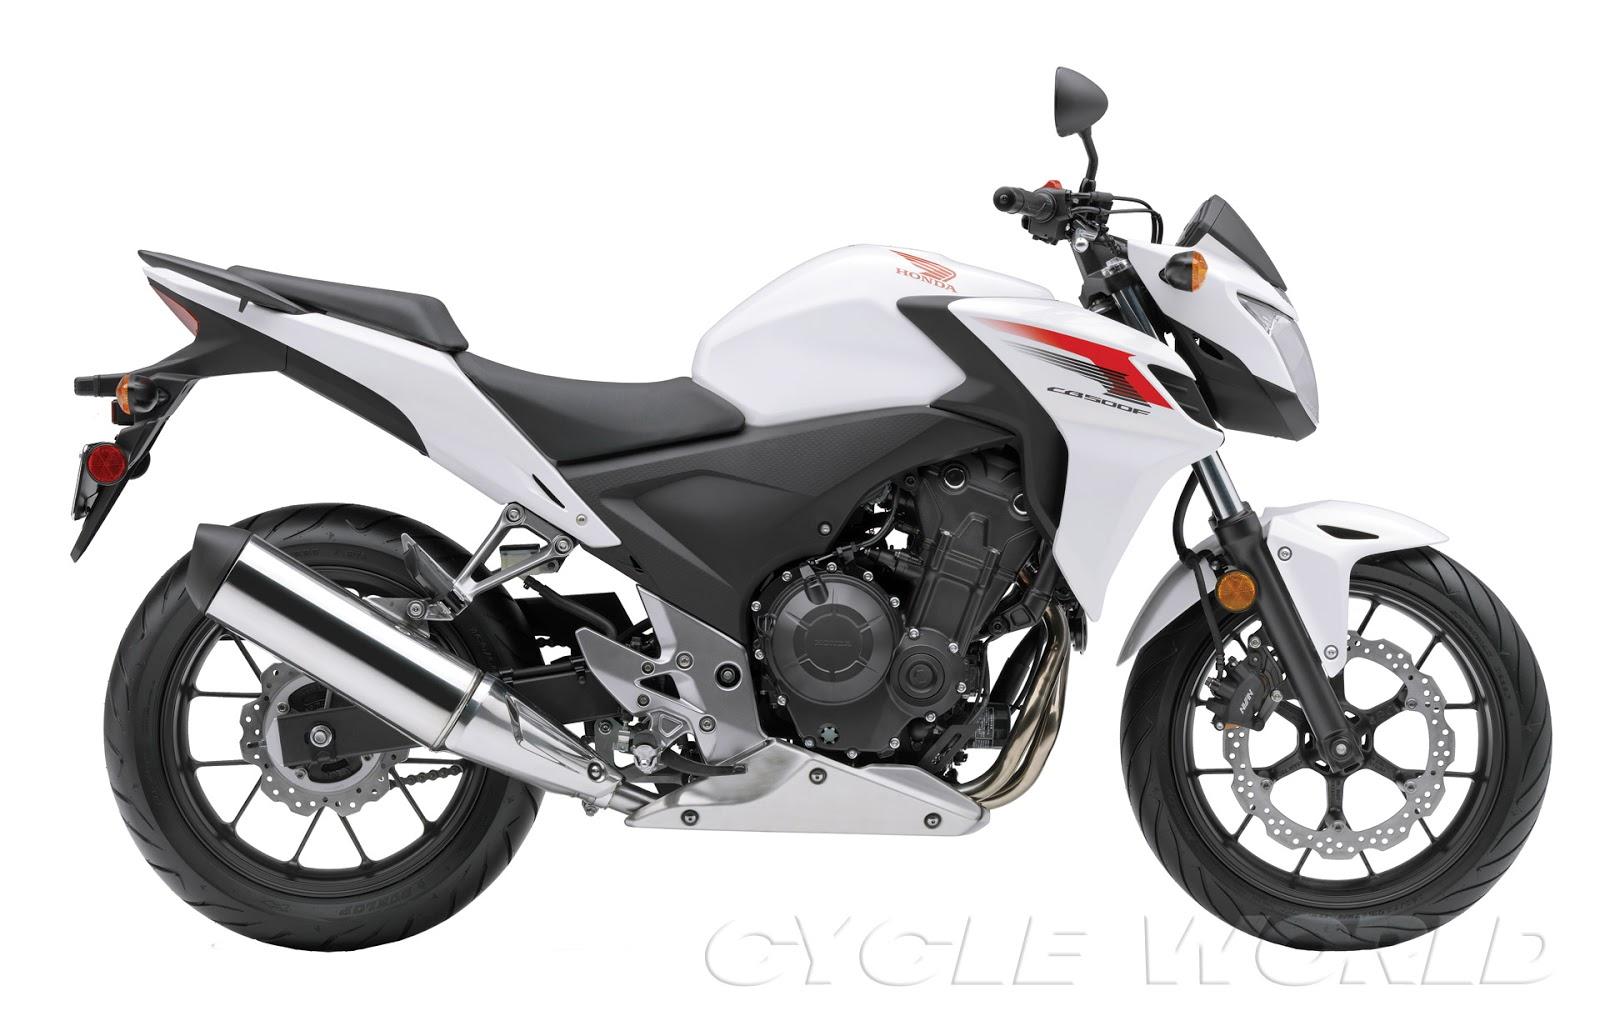 Honda CB500F 2013 2014 Branca Nova Honda CB 500 2014   Preço e Lançamento no Brasil